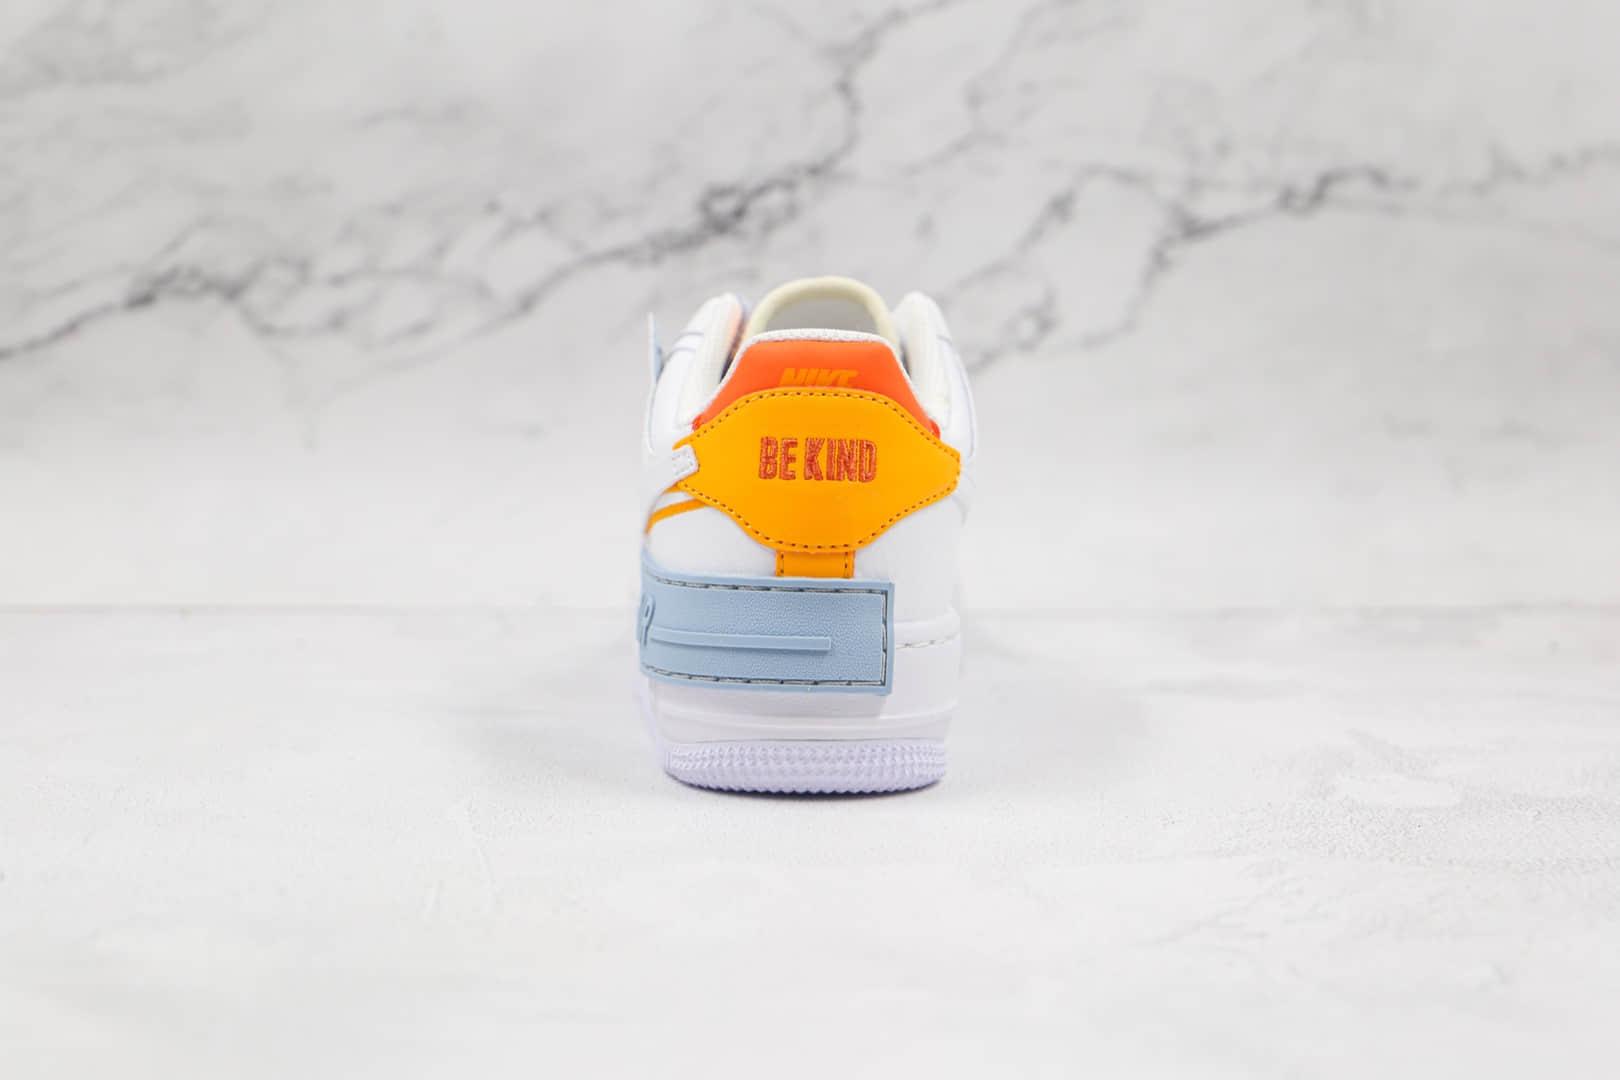 耐克Nike AIR FMRCE 1纯原版本低帮空军一号马卡龙白黄色板鞋原档案数据开发 货号:DC2199-100